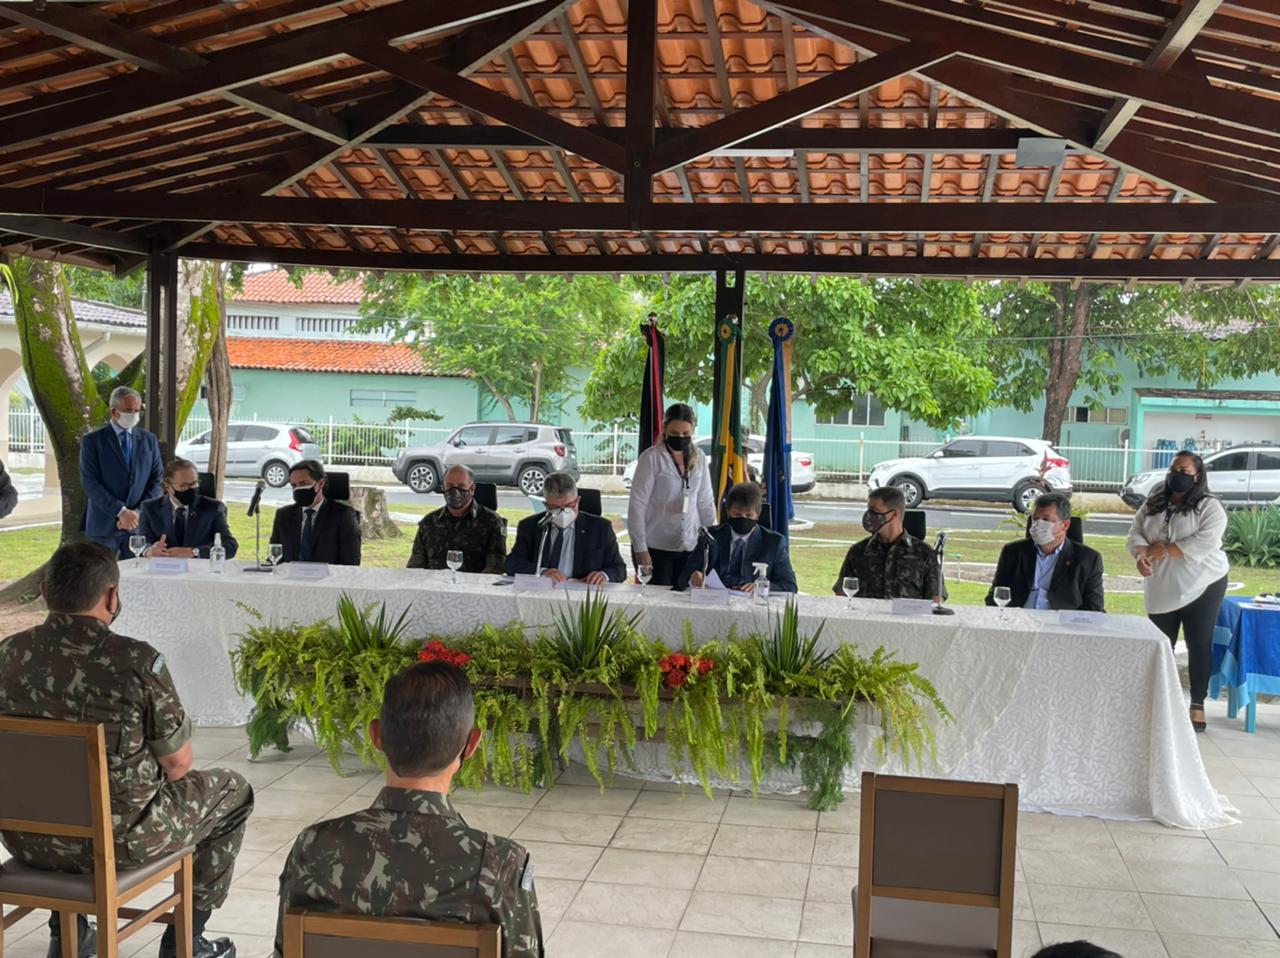 7ace8844 c159 4844 997c bcf3bf5a6ad6 - George Coelho destaca atuação do general Marcos Freire à frente do Comando Militar do Nordeste